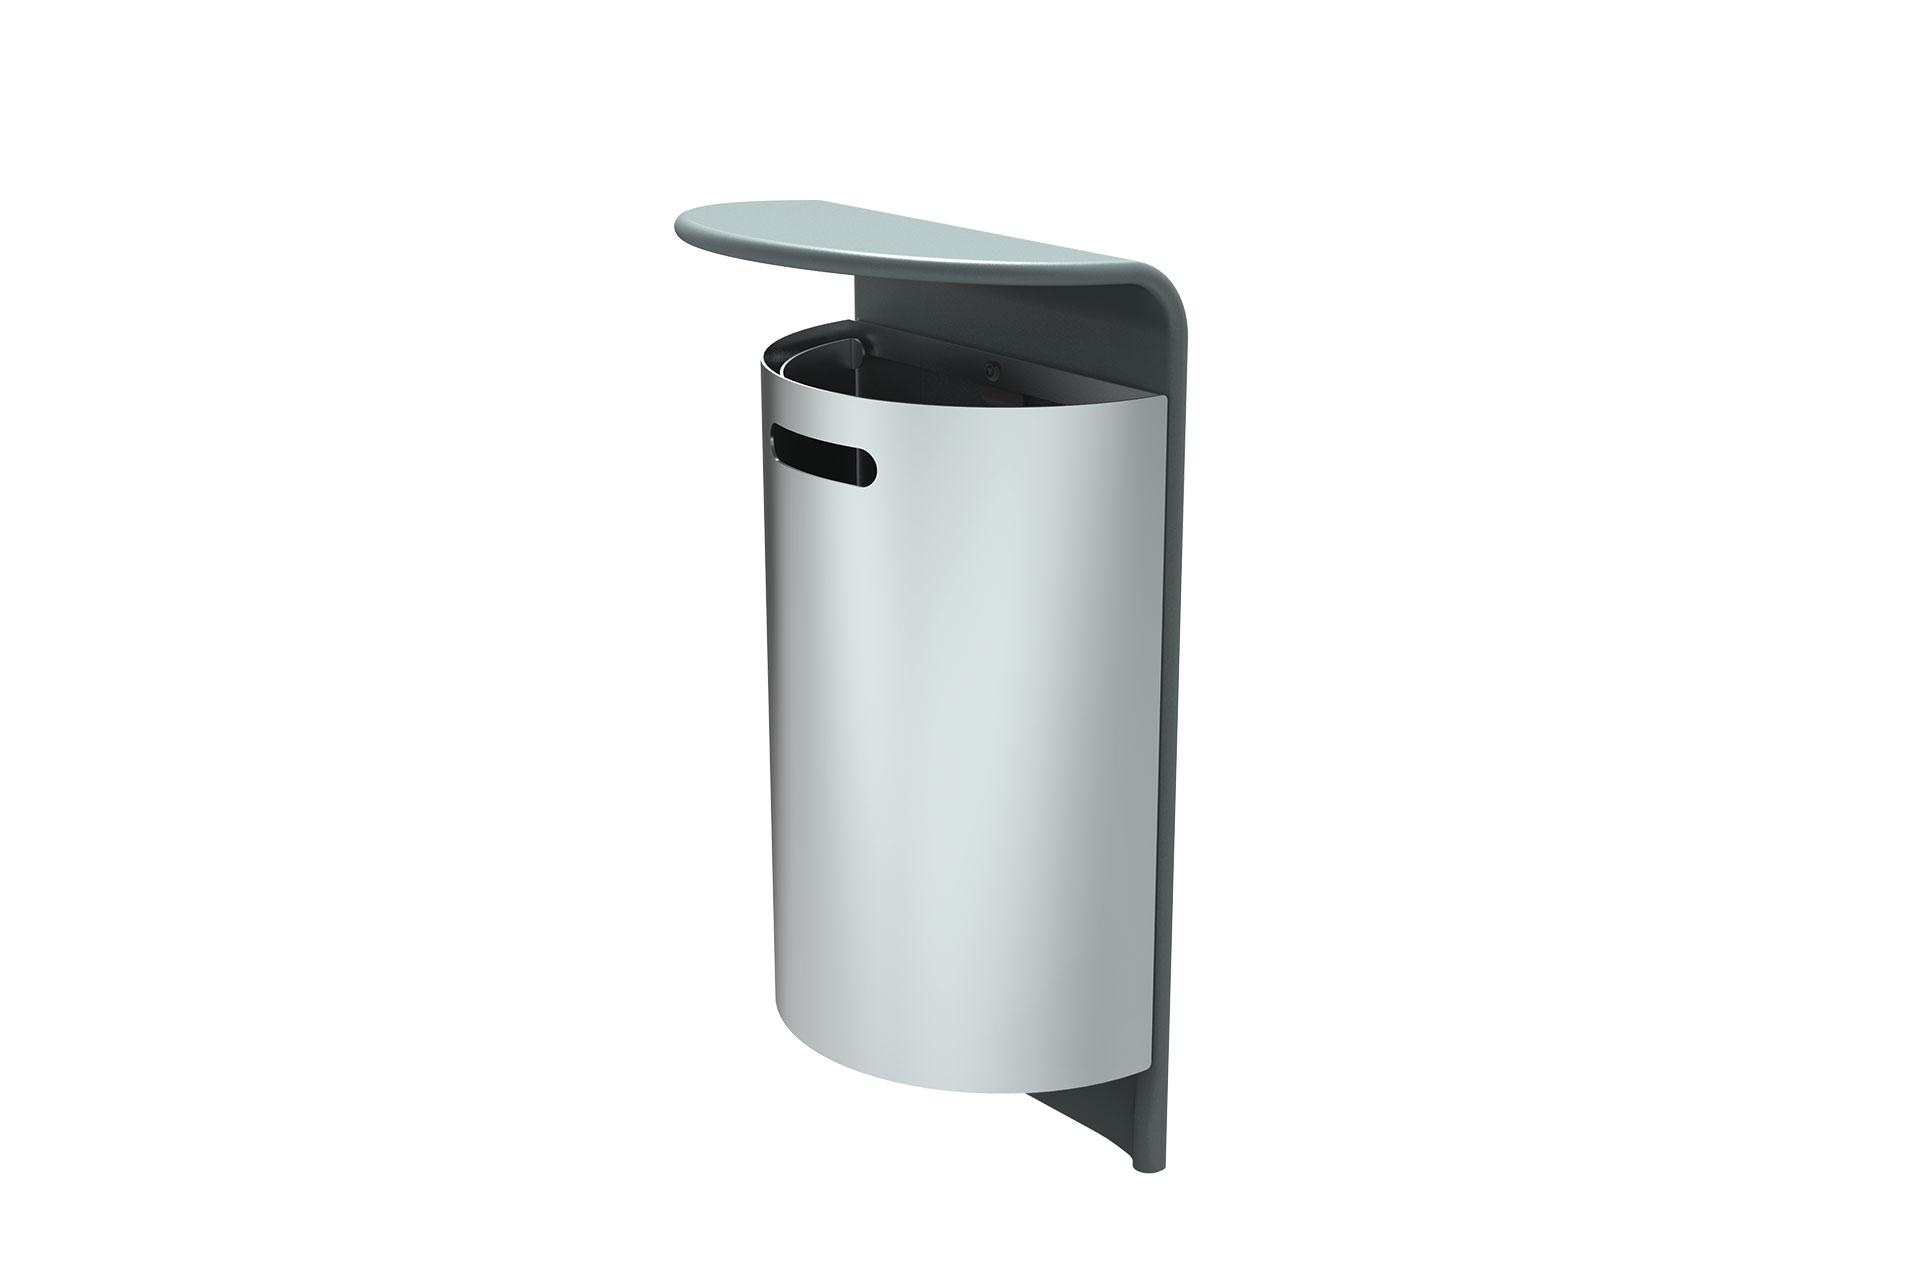 UrbanObjekts Cais Abfallbehälter